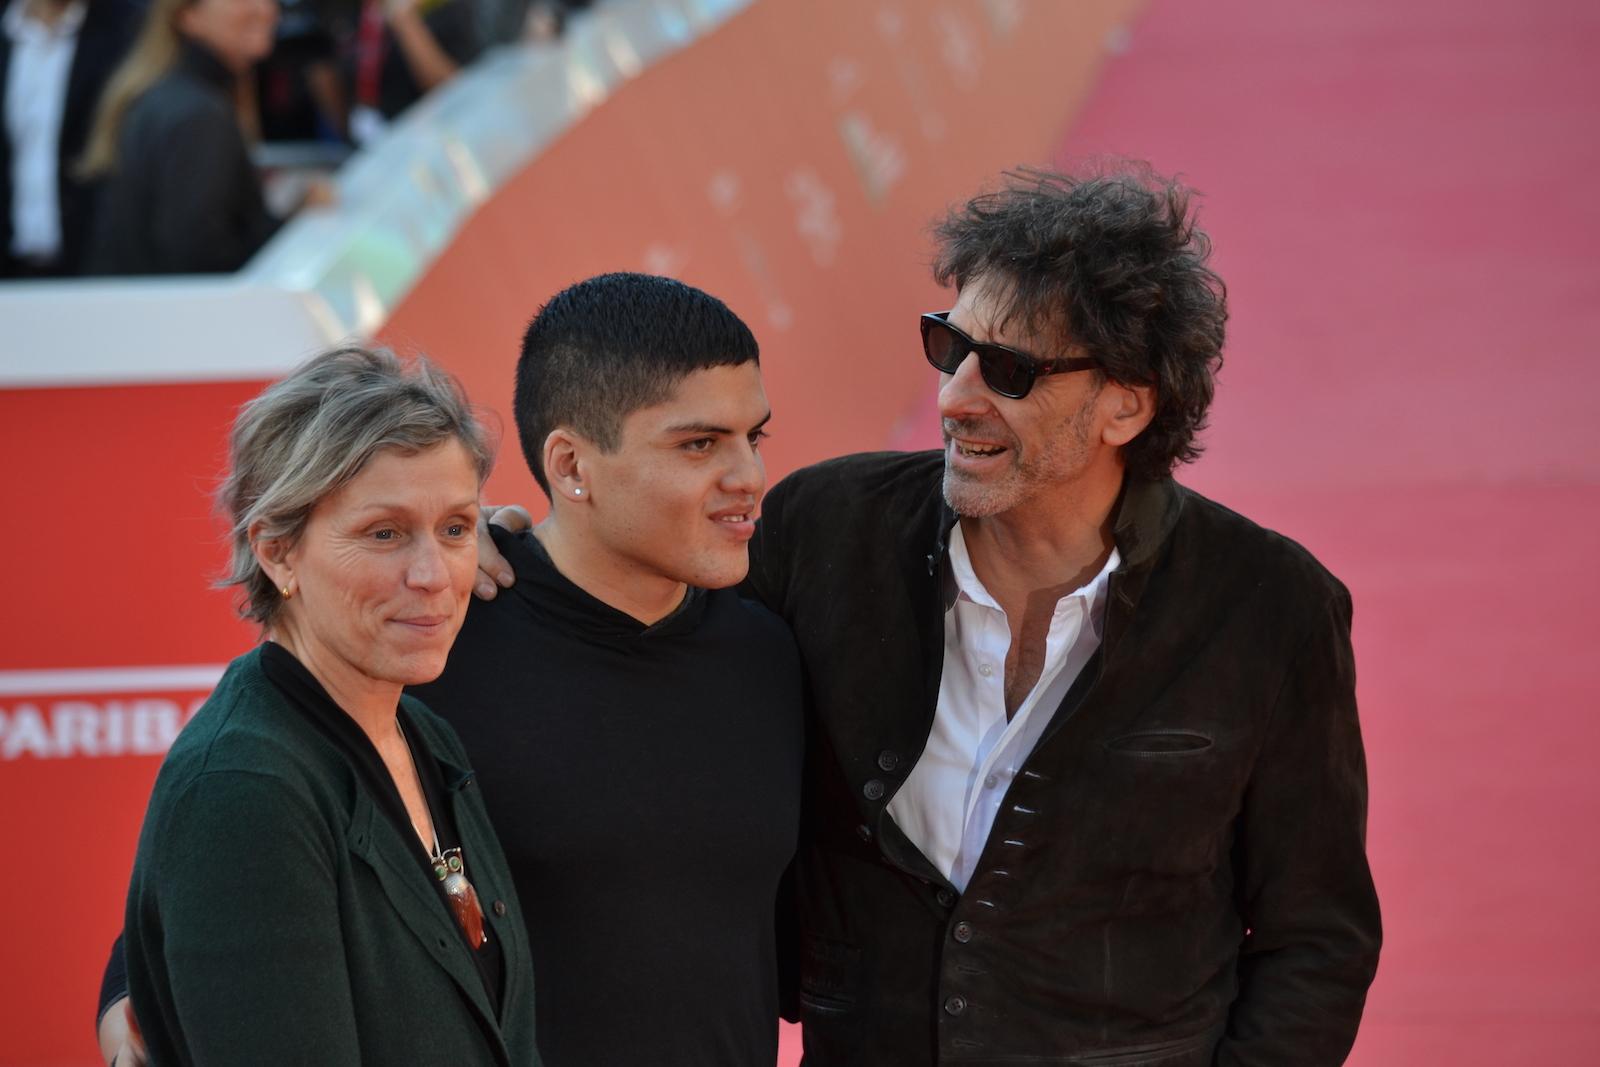 Roma 2015: Joel Coen e Frances McDormand in uno scatto sul red carpet